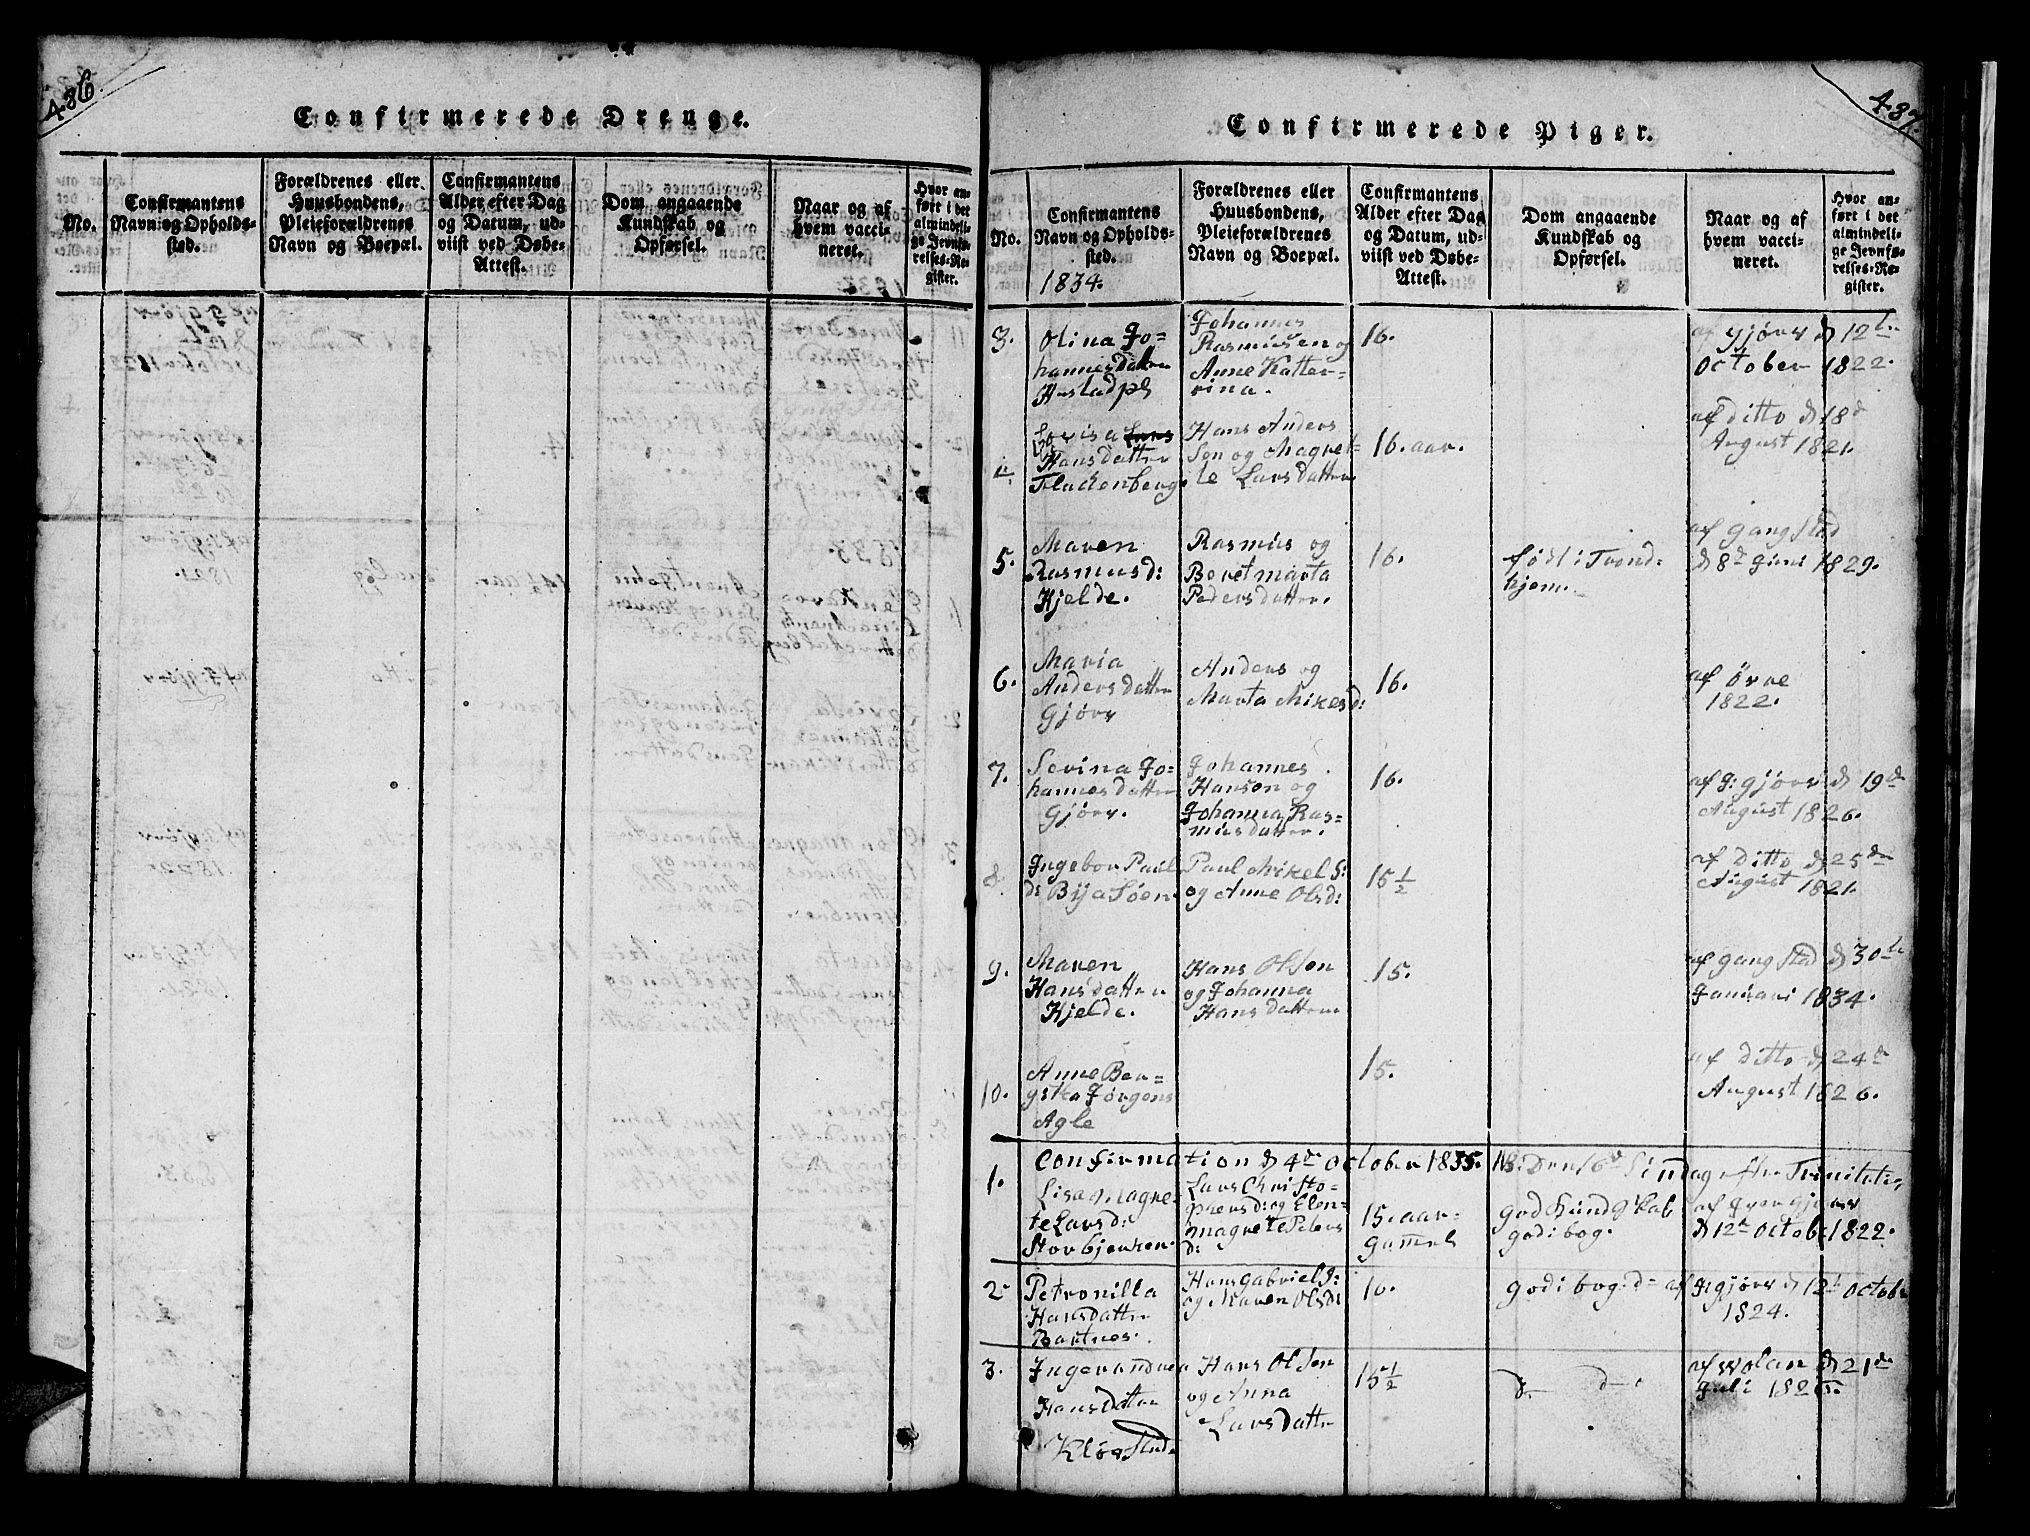 SAT, Ministerialprotokoller, klokkerbøker og fødselsregistre - Nord-Trøndelag, 732/L0317: Klokkerbok nr. 732C01, 1816-1881, s. 486-487